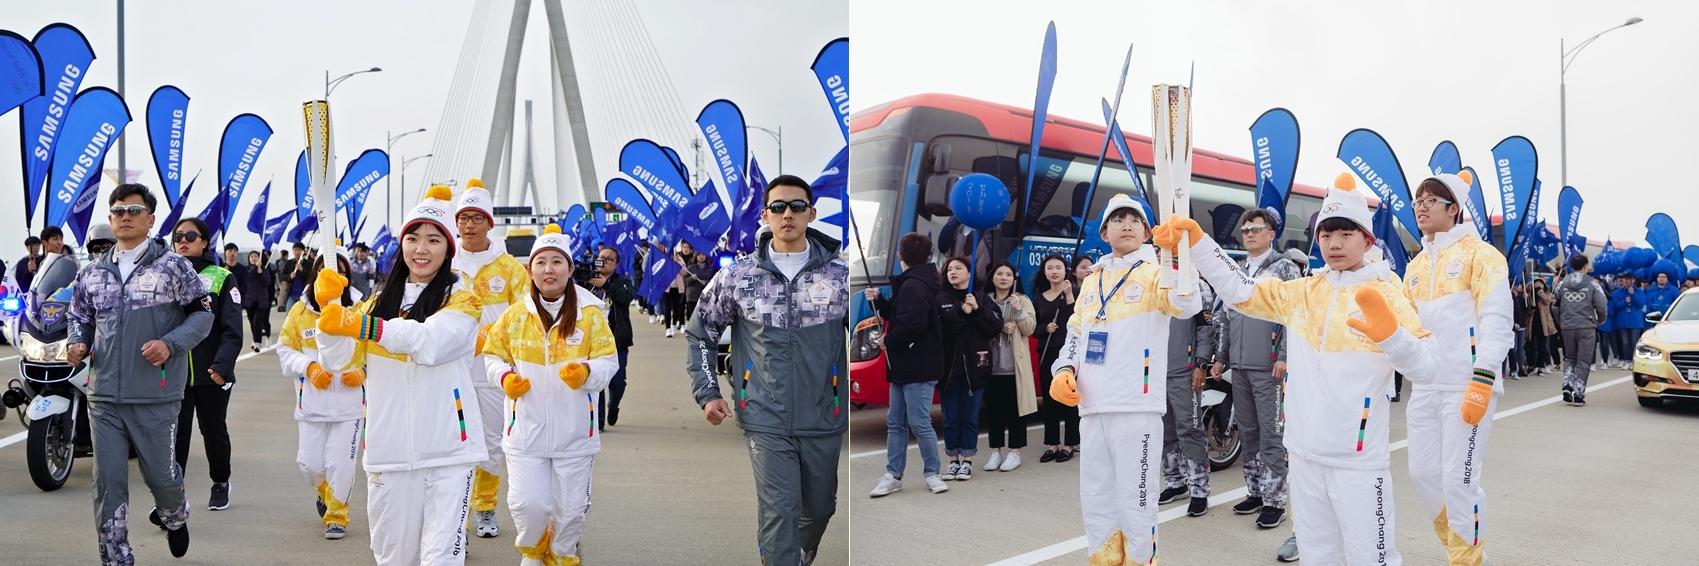 ▲ 이상화 선수와의 성화봉송 현장을 환하게 밝혀준 삼성드림클래스 참가자들